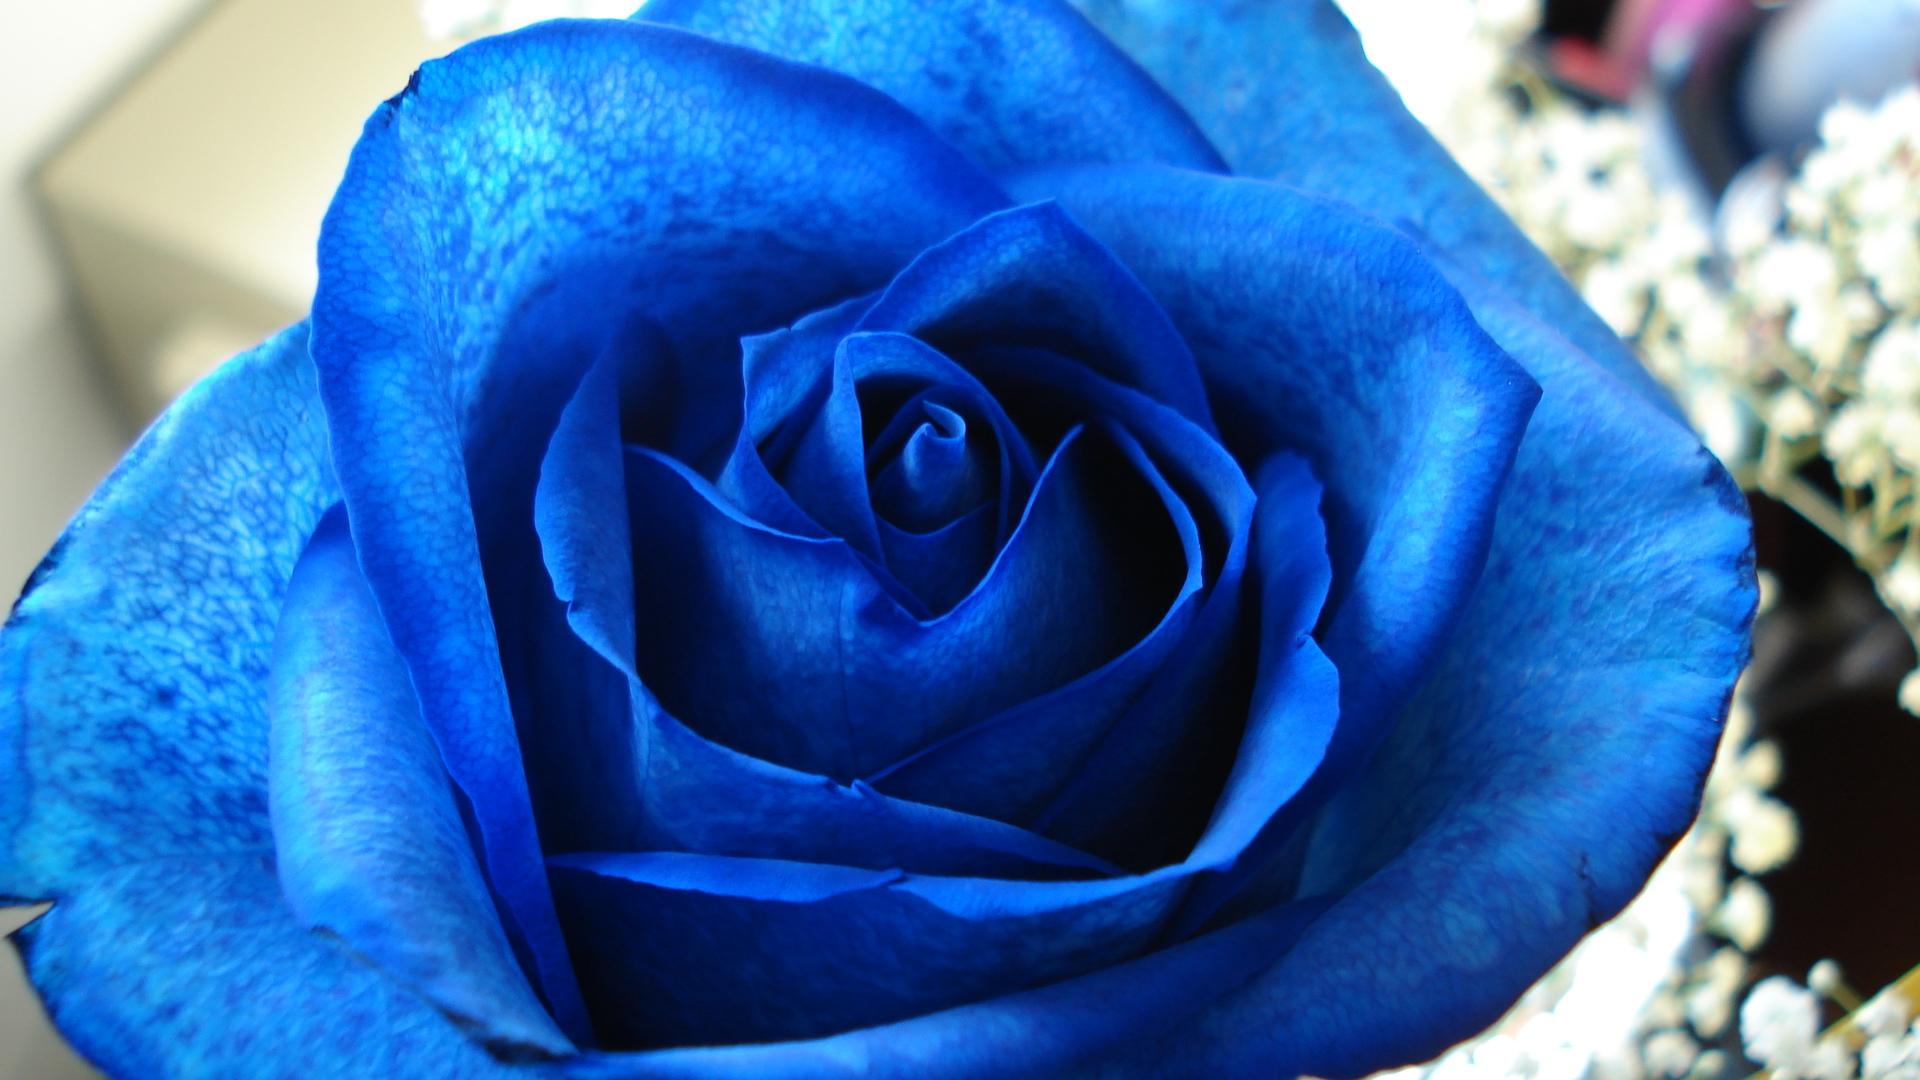 Христос воскрес, 8 марта открытка голубая